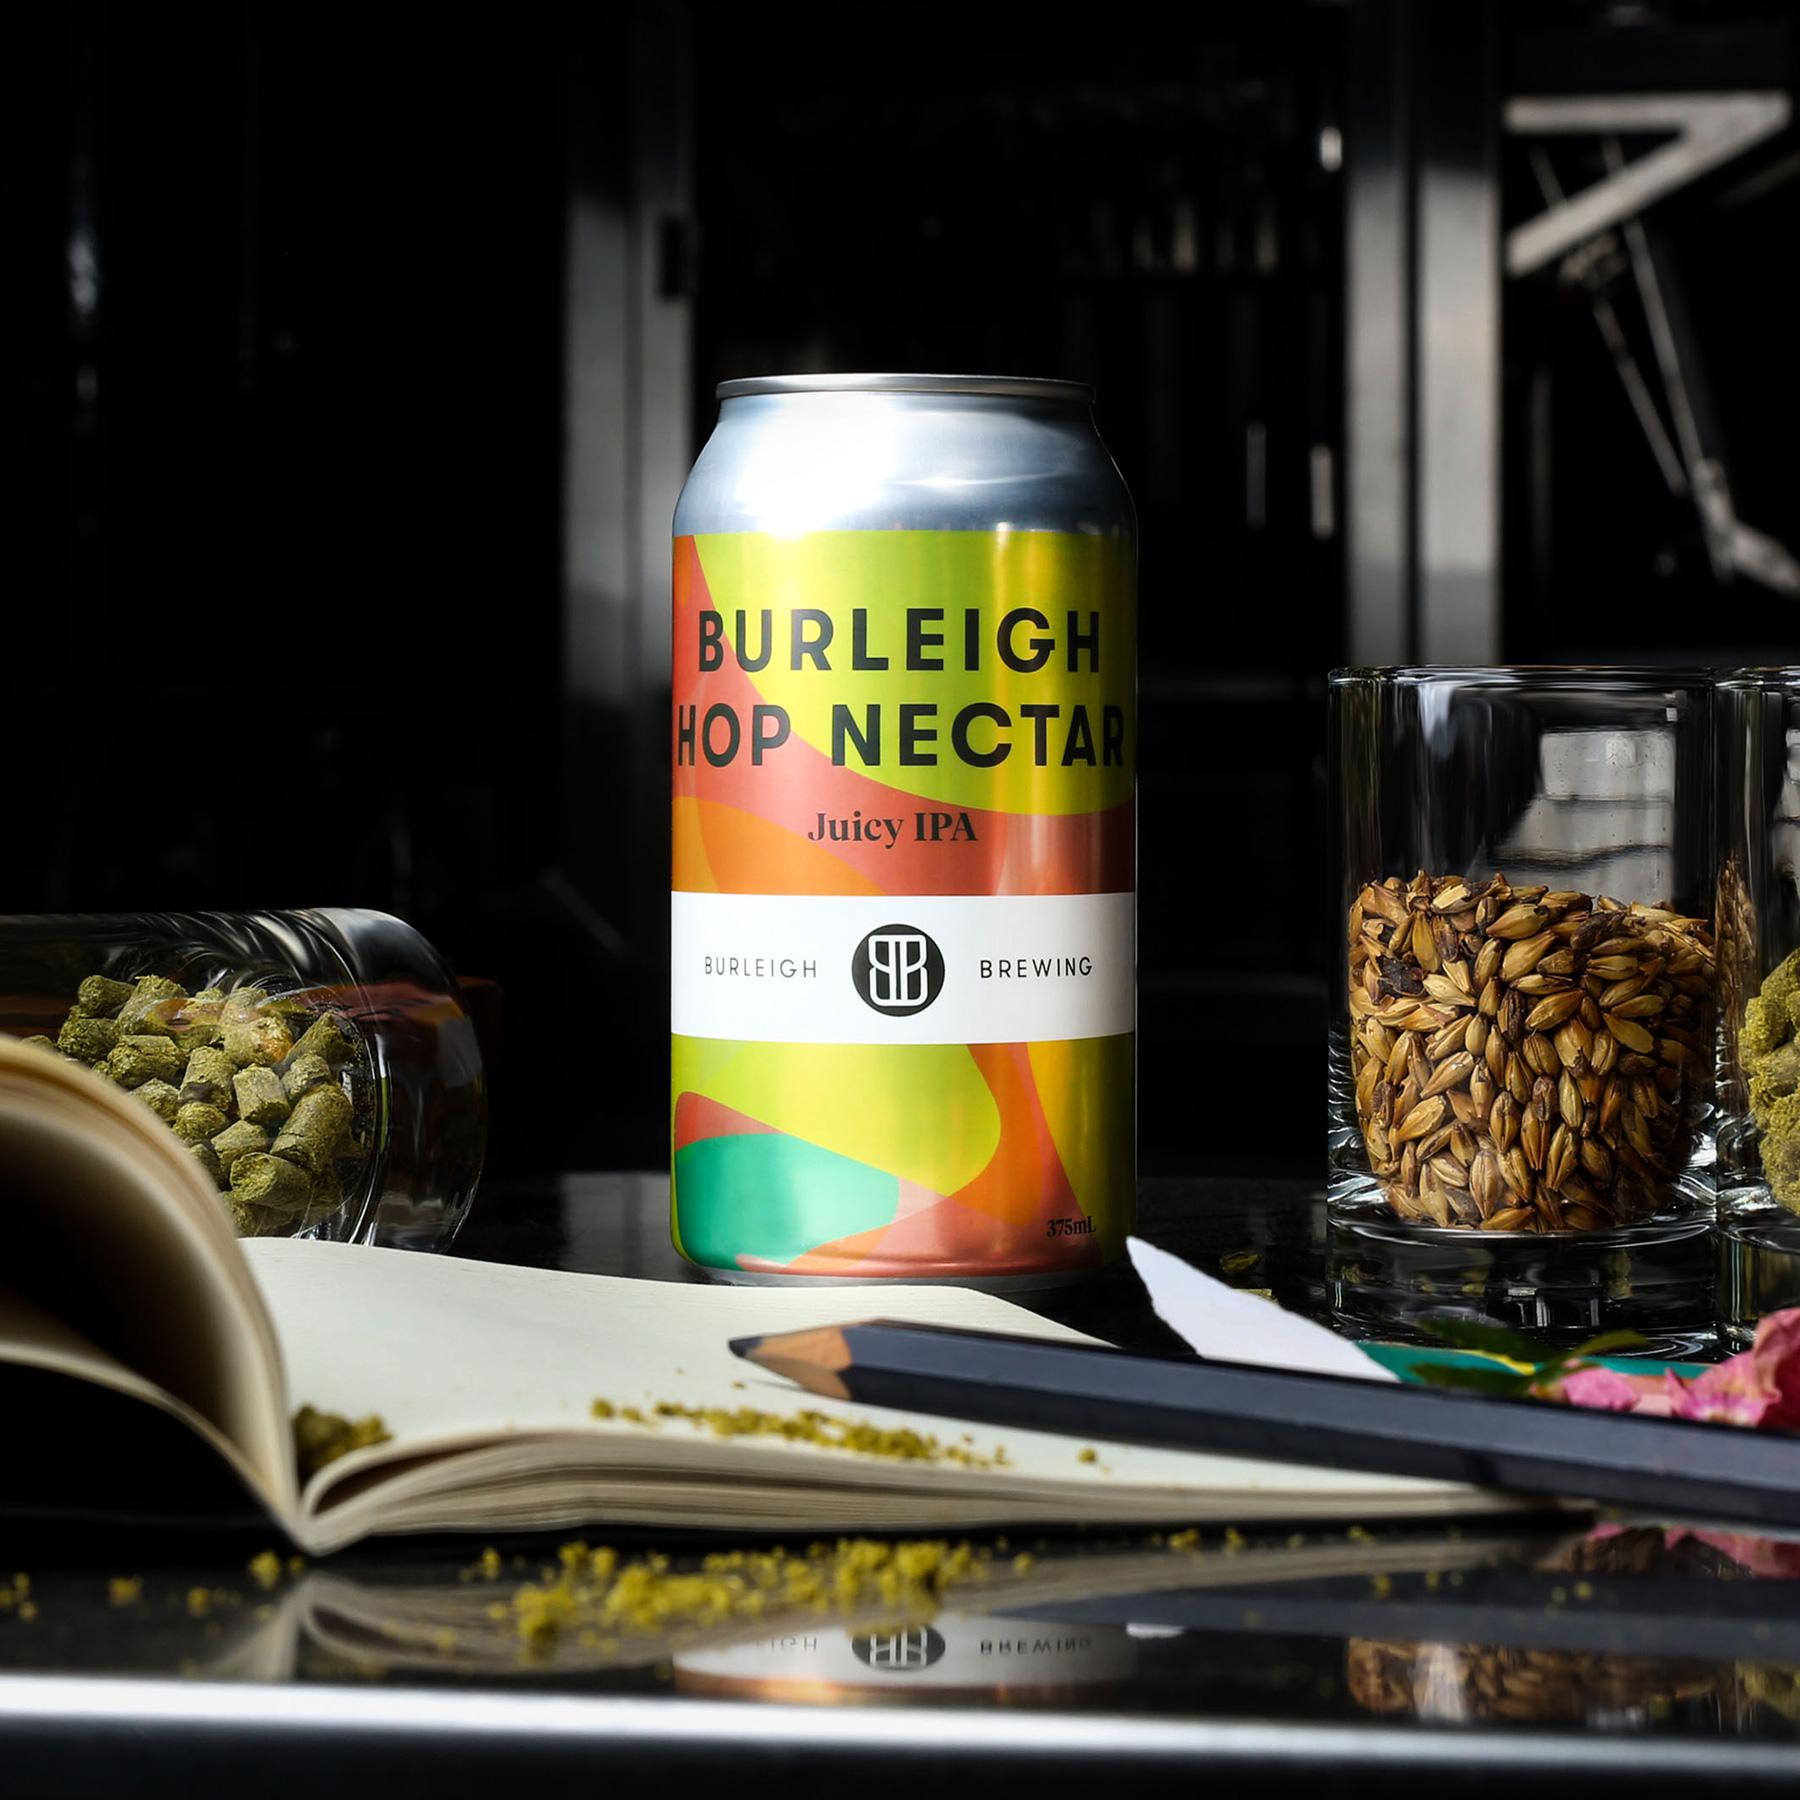 Burleigh Hop Nectar Juicy IPA